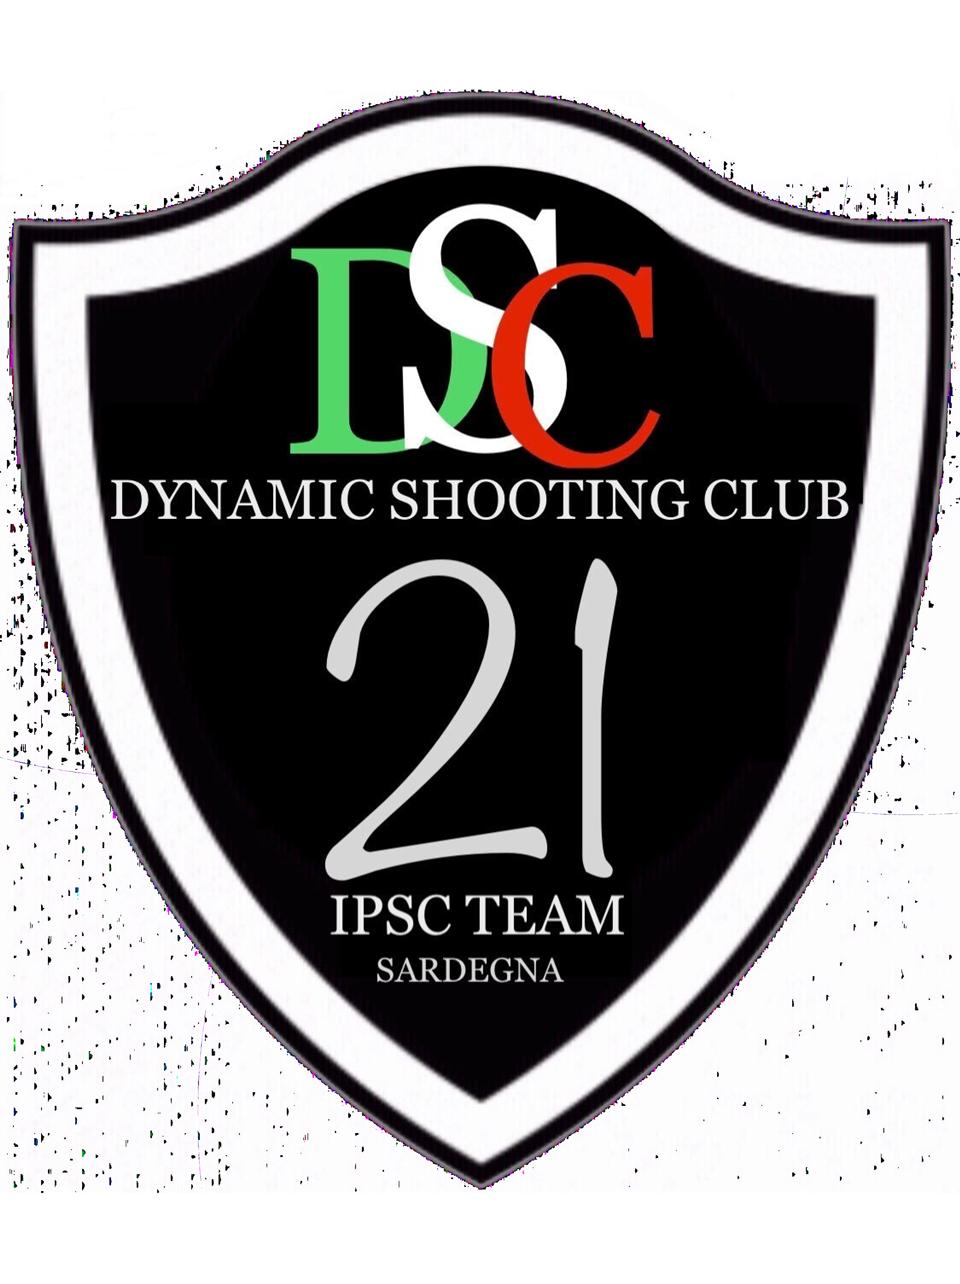 DYNAMIC SHOOTING CLUB 21